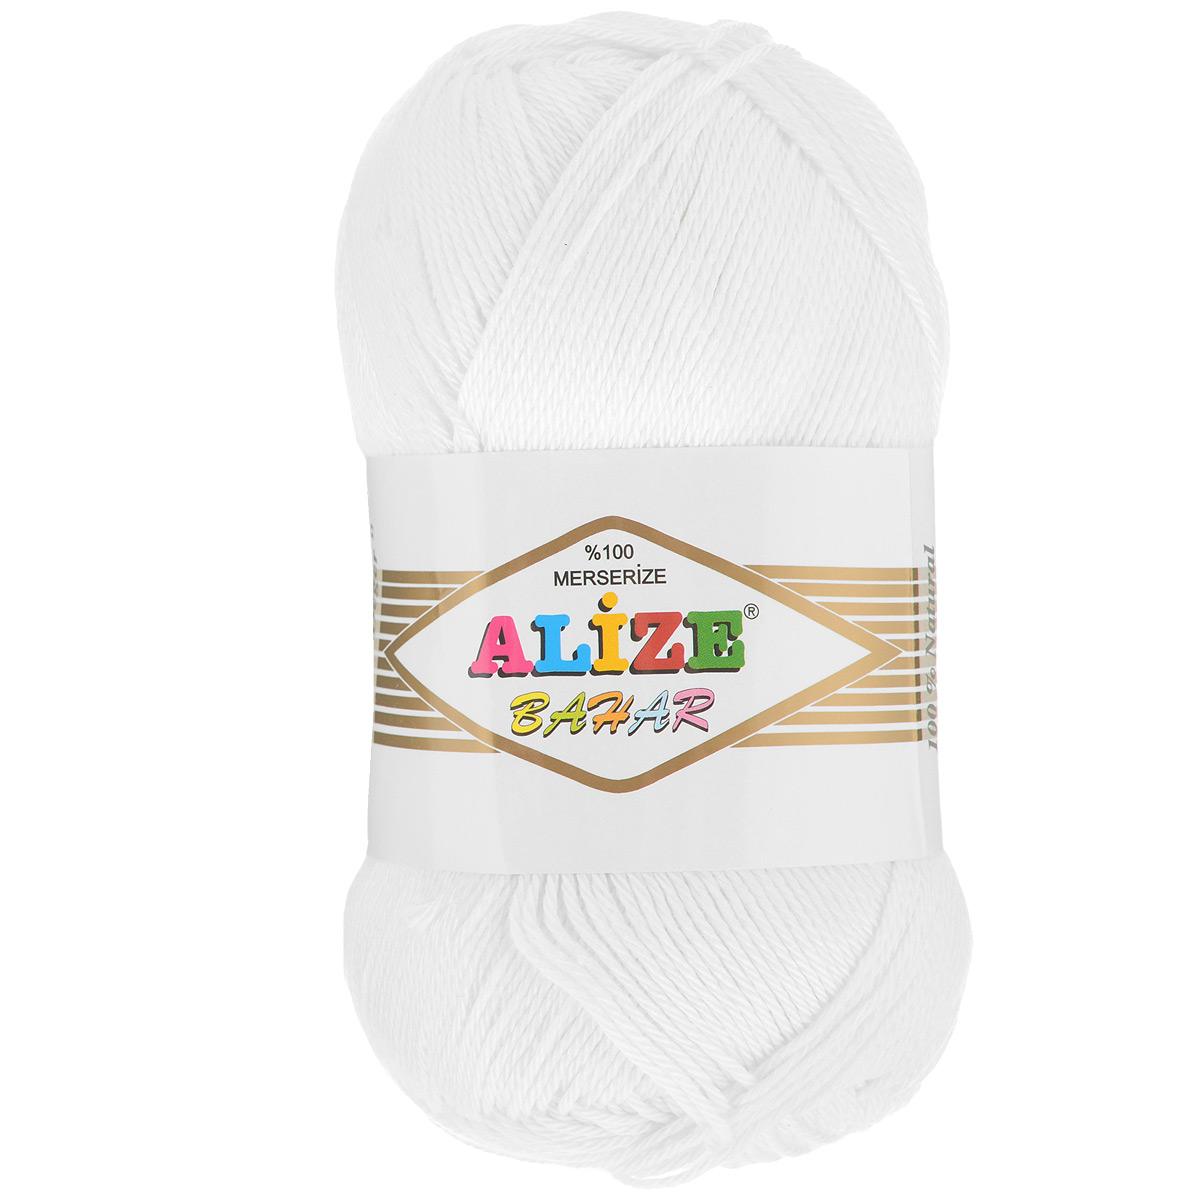 Пряжа для вязания Alize Bahar, цвет: белый (55), 260 м, 100 г, 5 шт364089_55Пряжа Alize Bahar подходит для ручного вязания детям и взрослым. Пряжа однотонная, приятная на ощупь, хорошо лежит в полотне. Изделия из такой нити получаются мягкие и красивые. Рекомендованные спицы 3-5 мм и крючок для вязания 2-4 мм. Комплектация: 5 мотков. Состав: 100% хлопок.